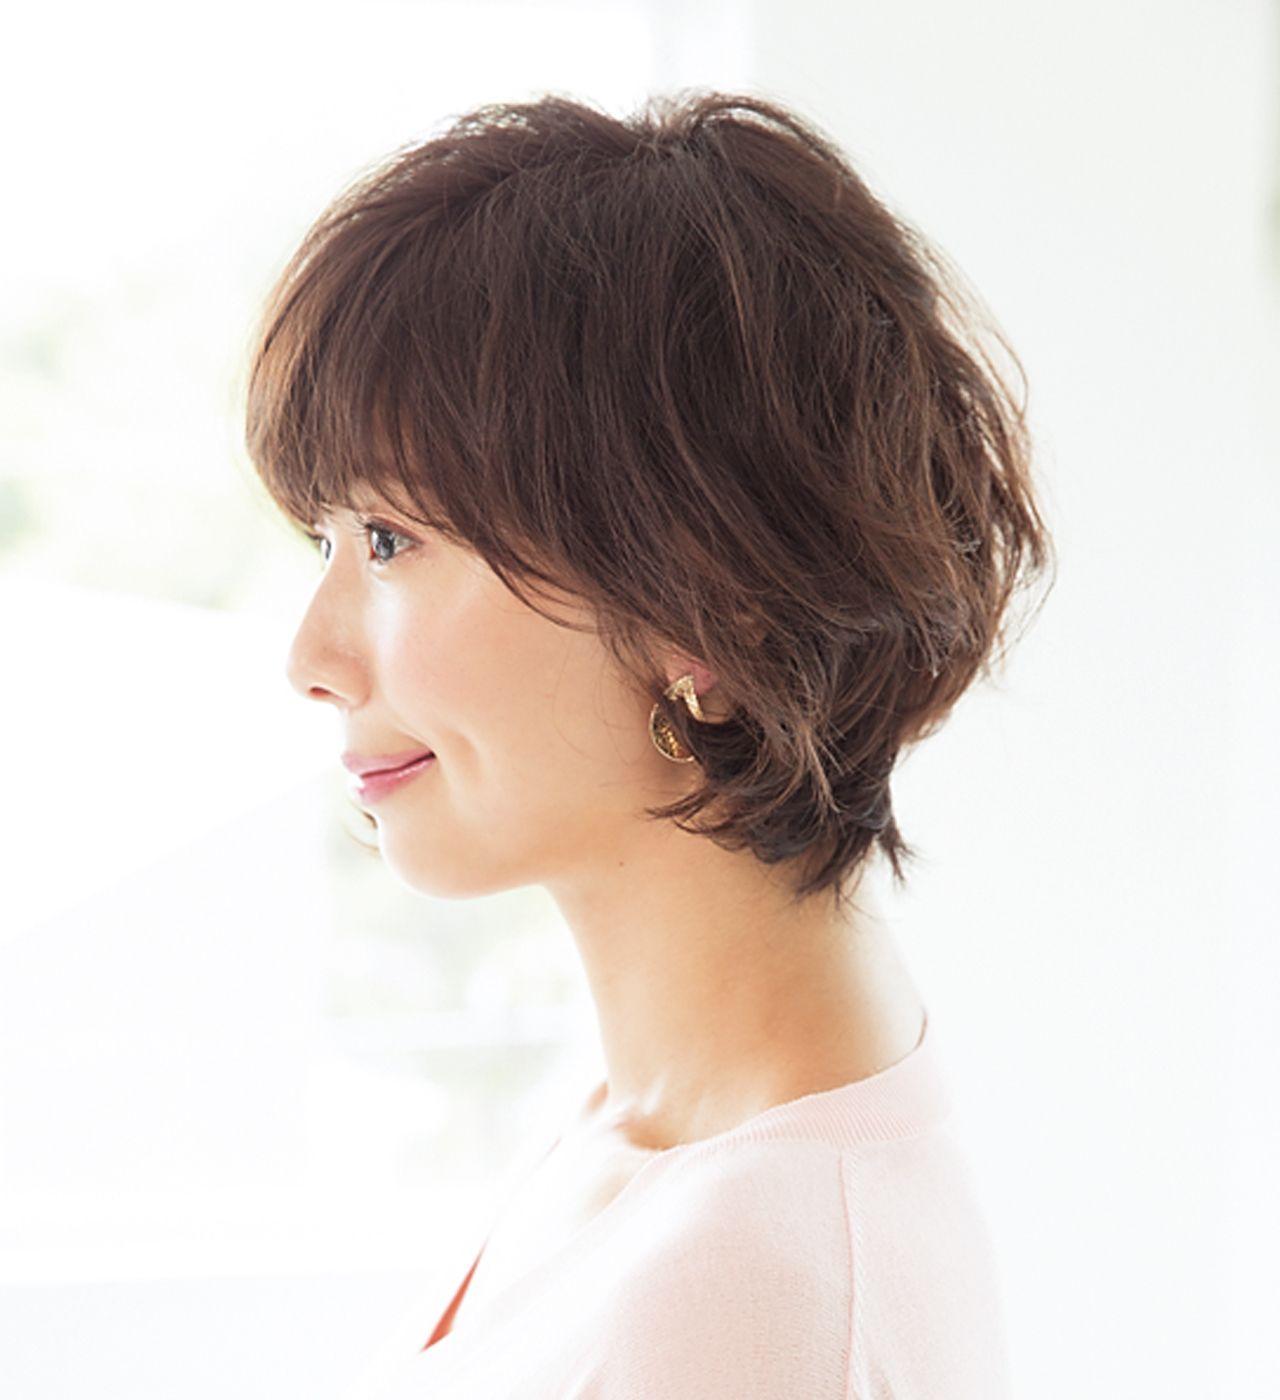 髪のうねりを利用した大きめカールヘアでフェミニンショートに 40代の